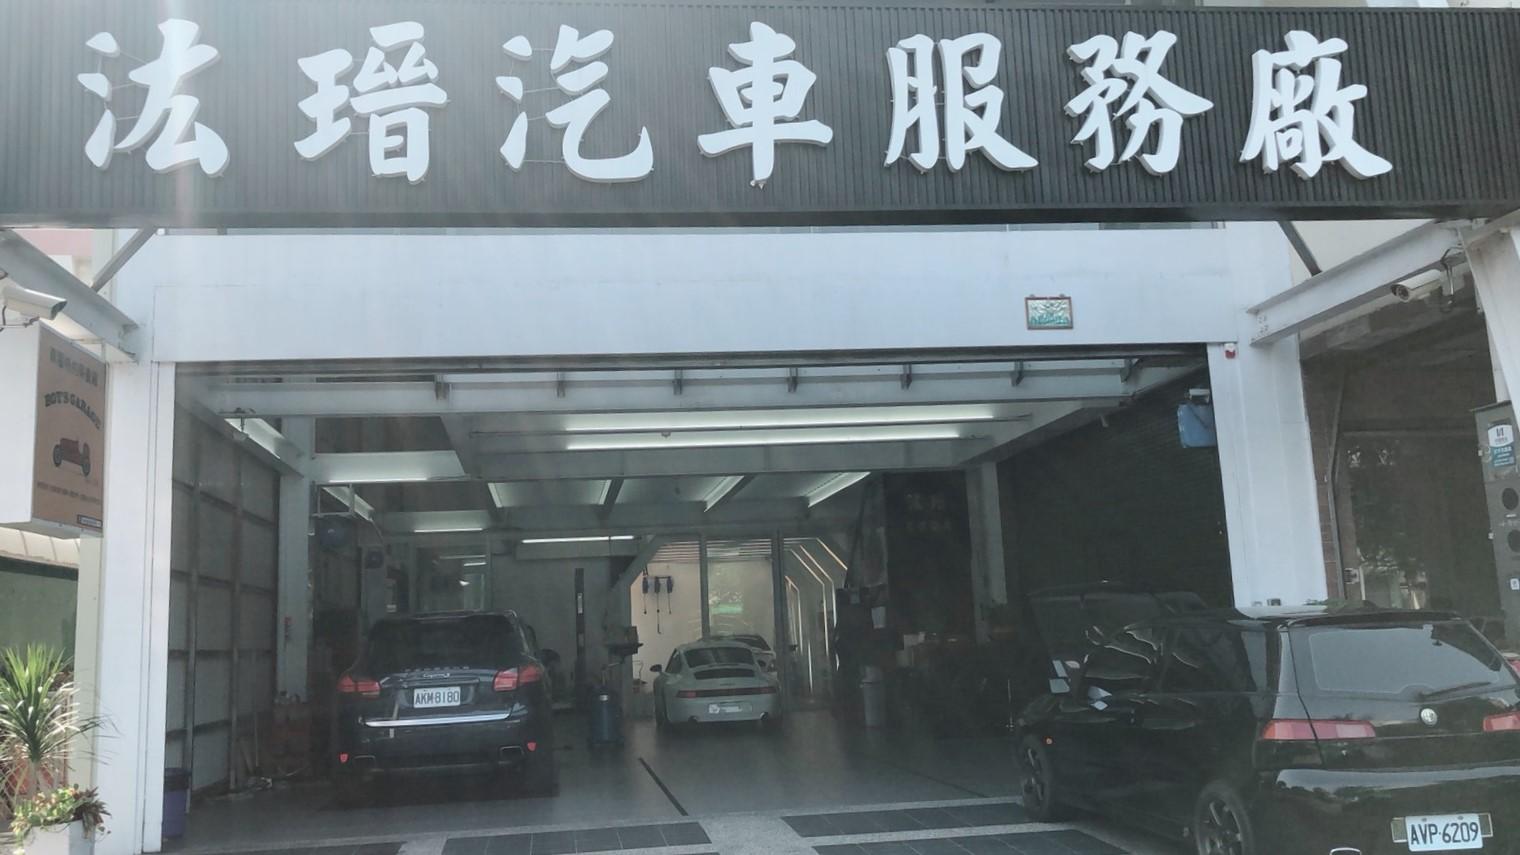 高雄市三民區推薦維修廠汯瑨汽車保修服務廠車廠環境